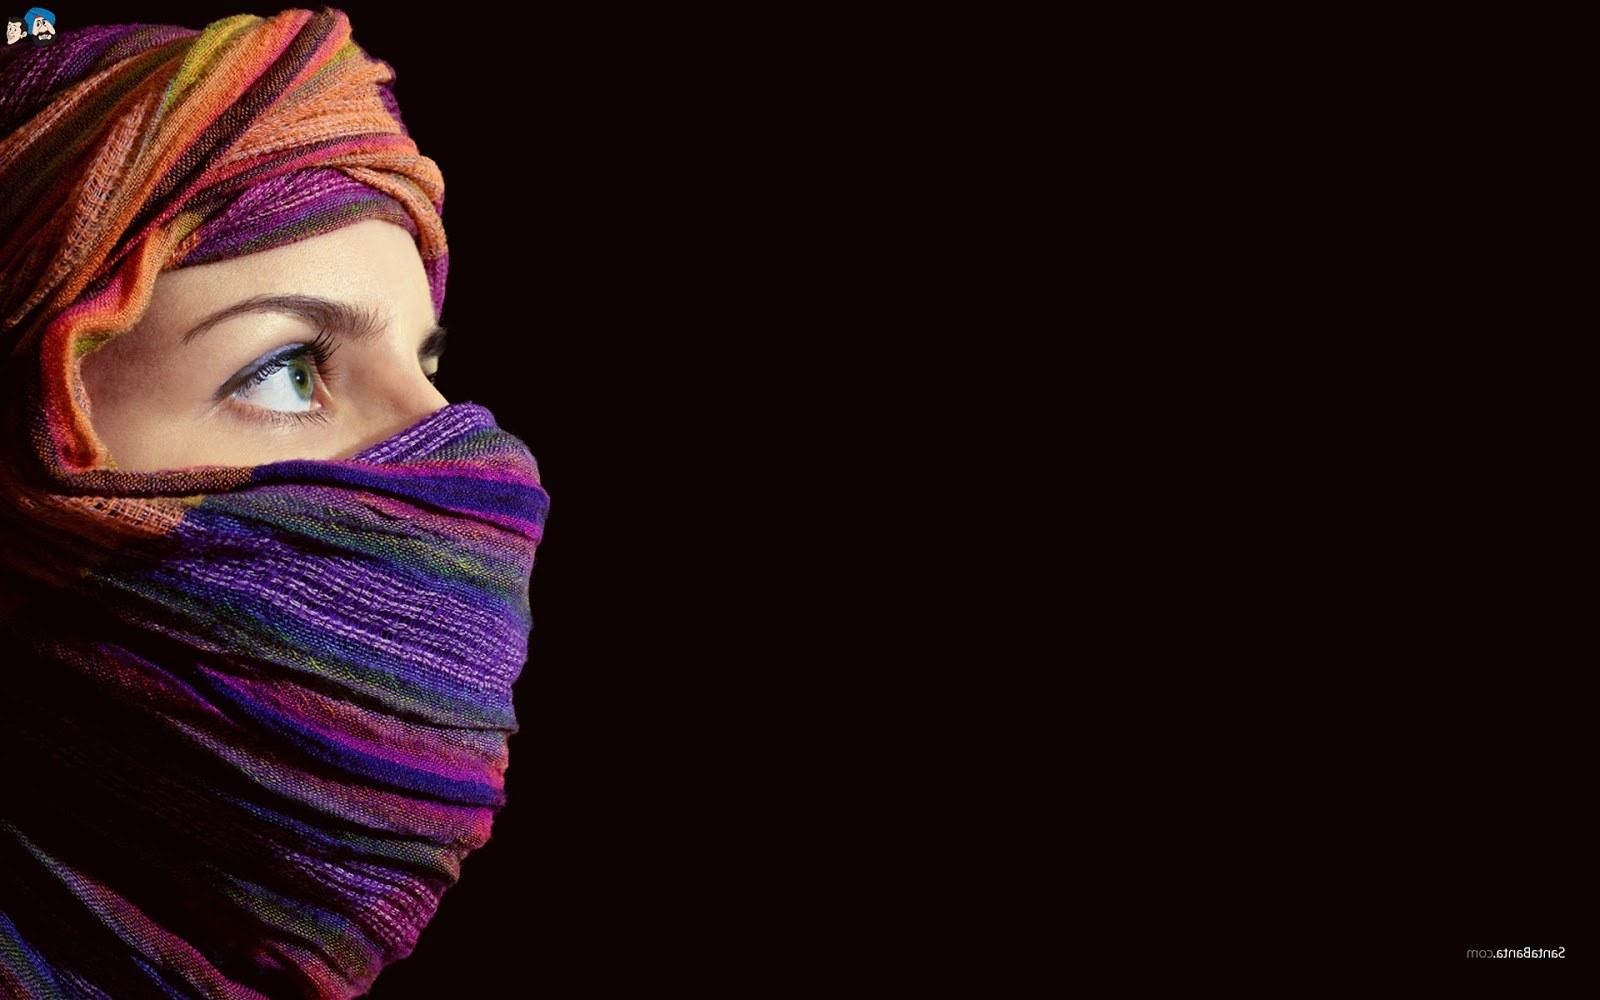 Ide Muslimah Bercadar Kvdd Koleksi Wallpaper Wanita Muslimah Bercadar Fauzi Blog